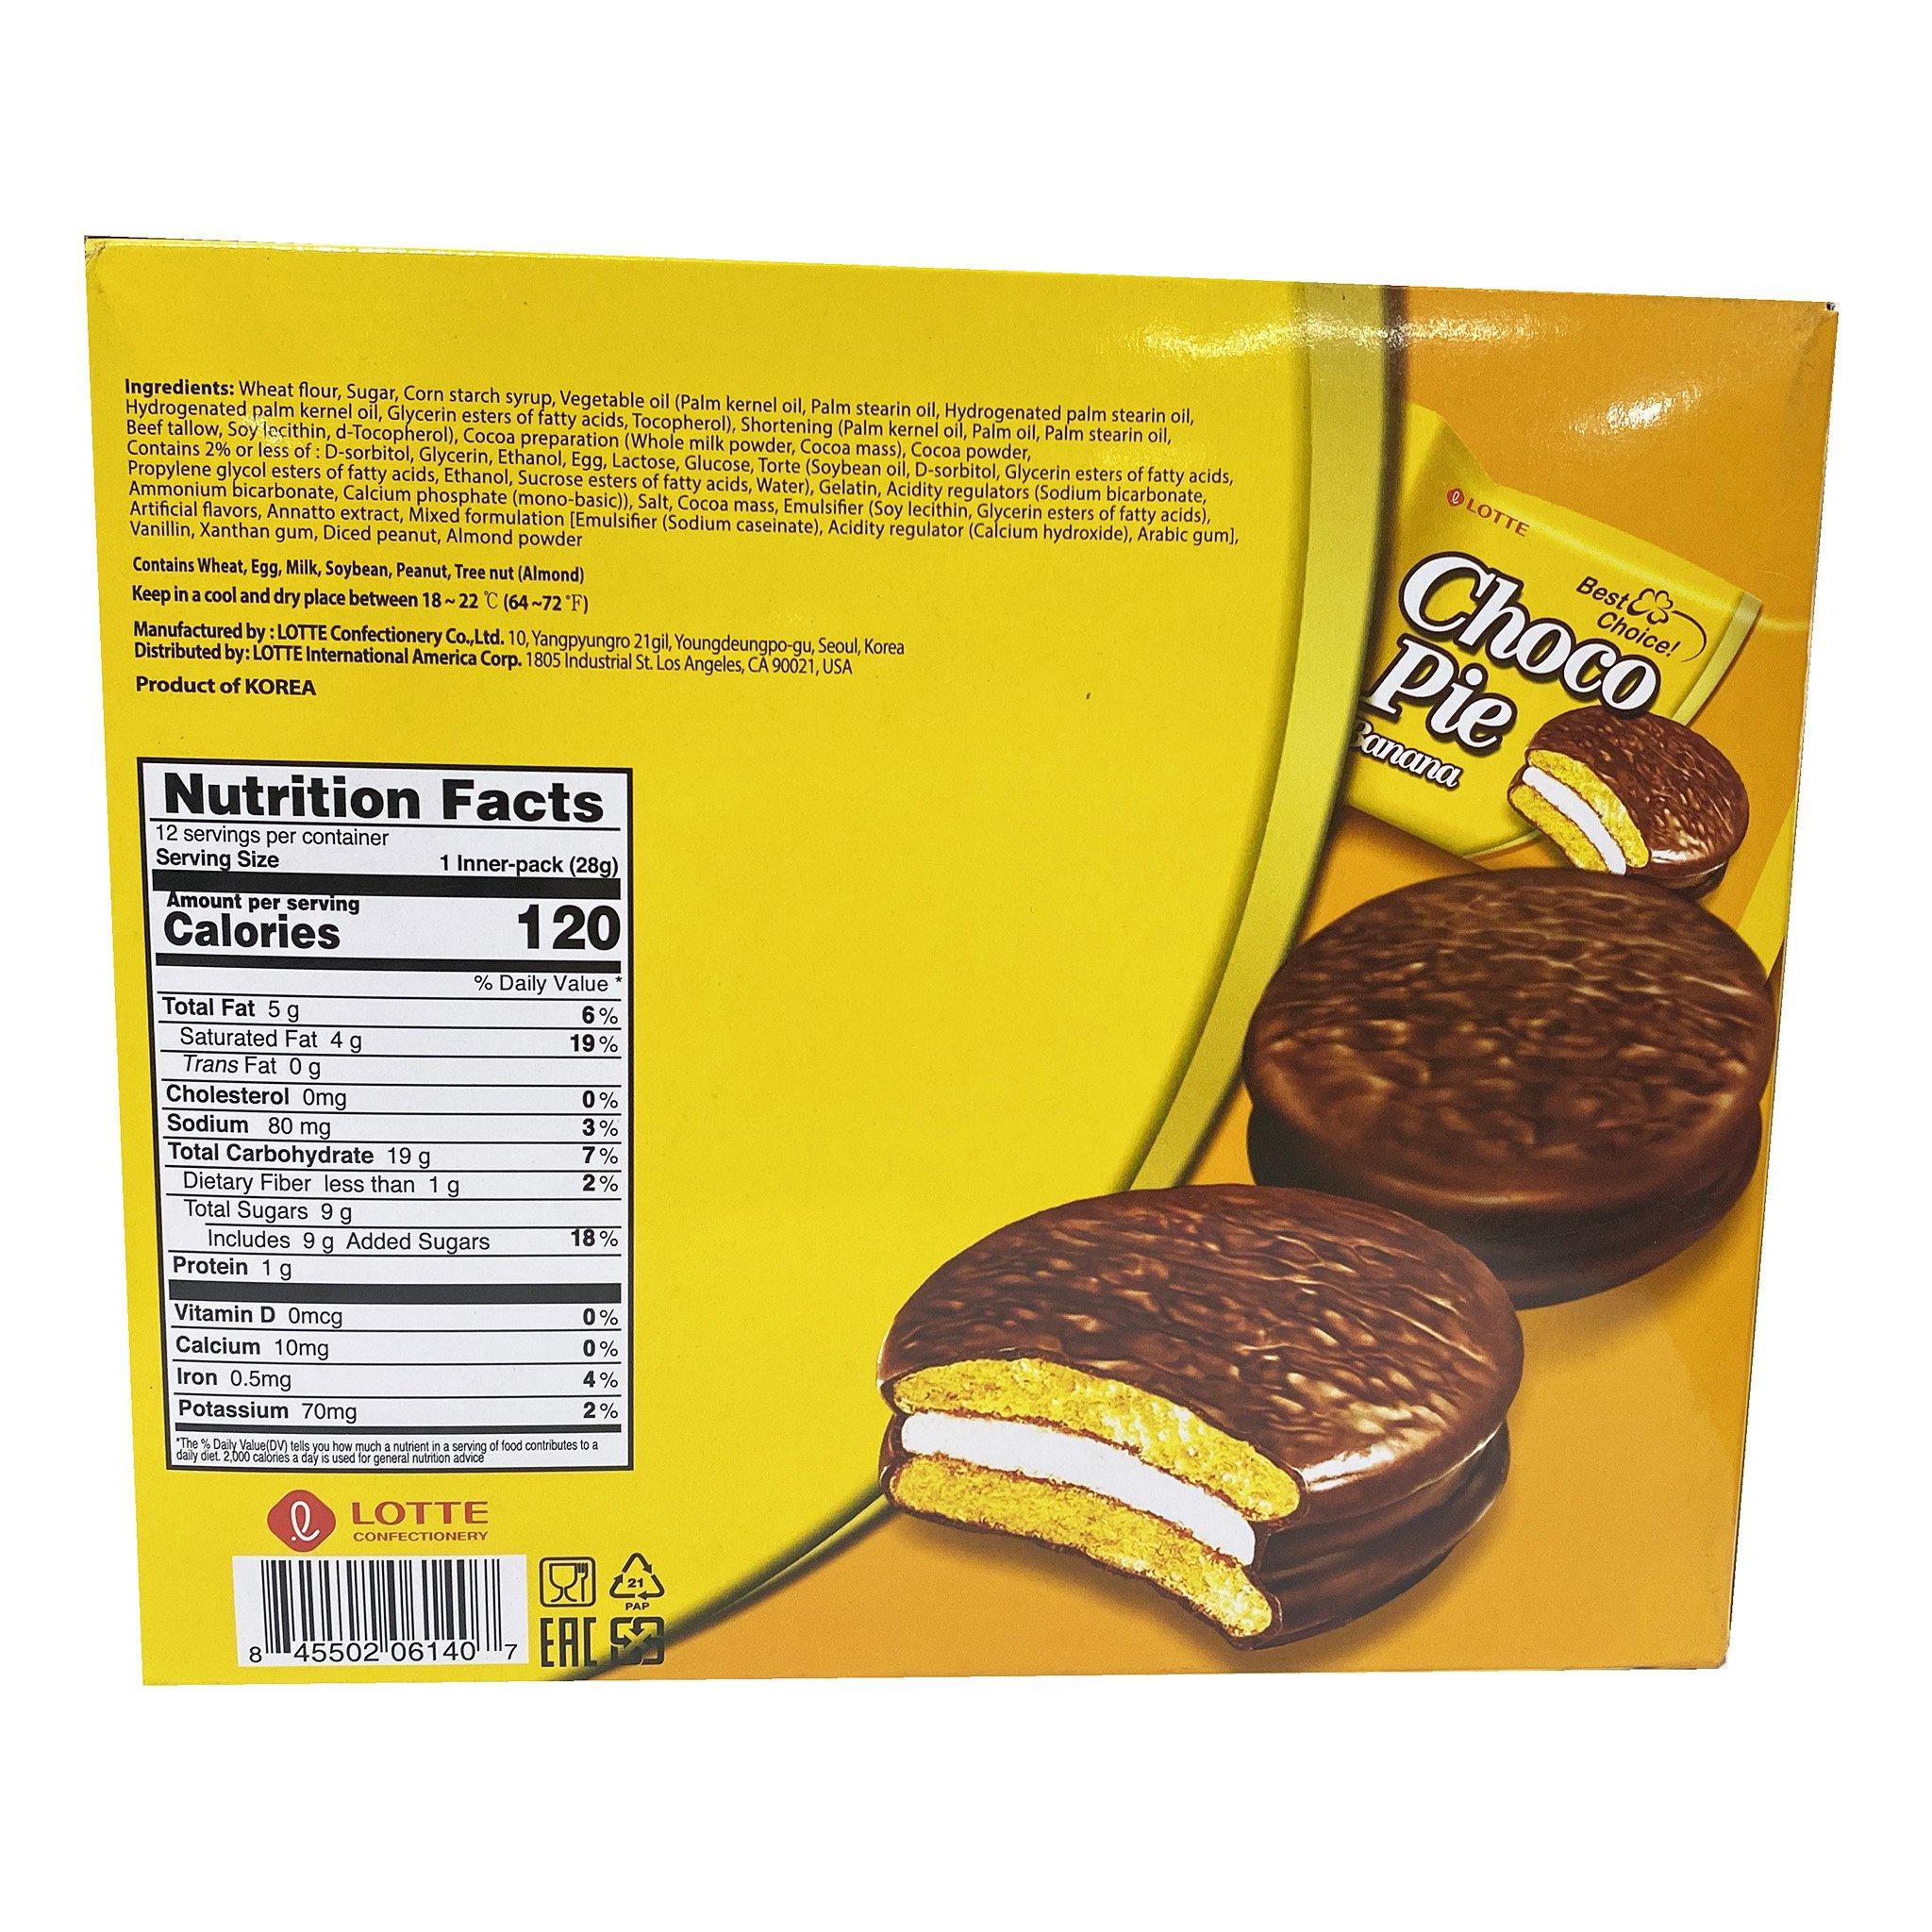 LOTTE Choco Pie Banana 12 Packs